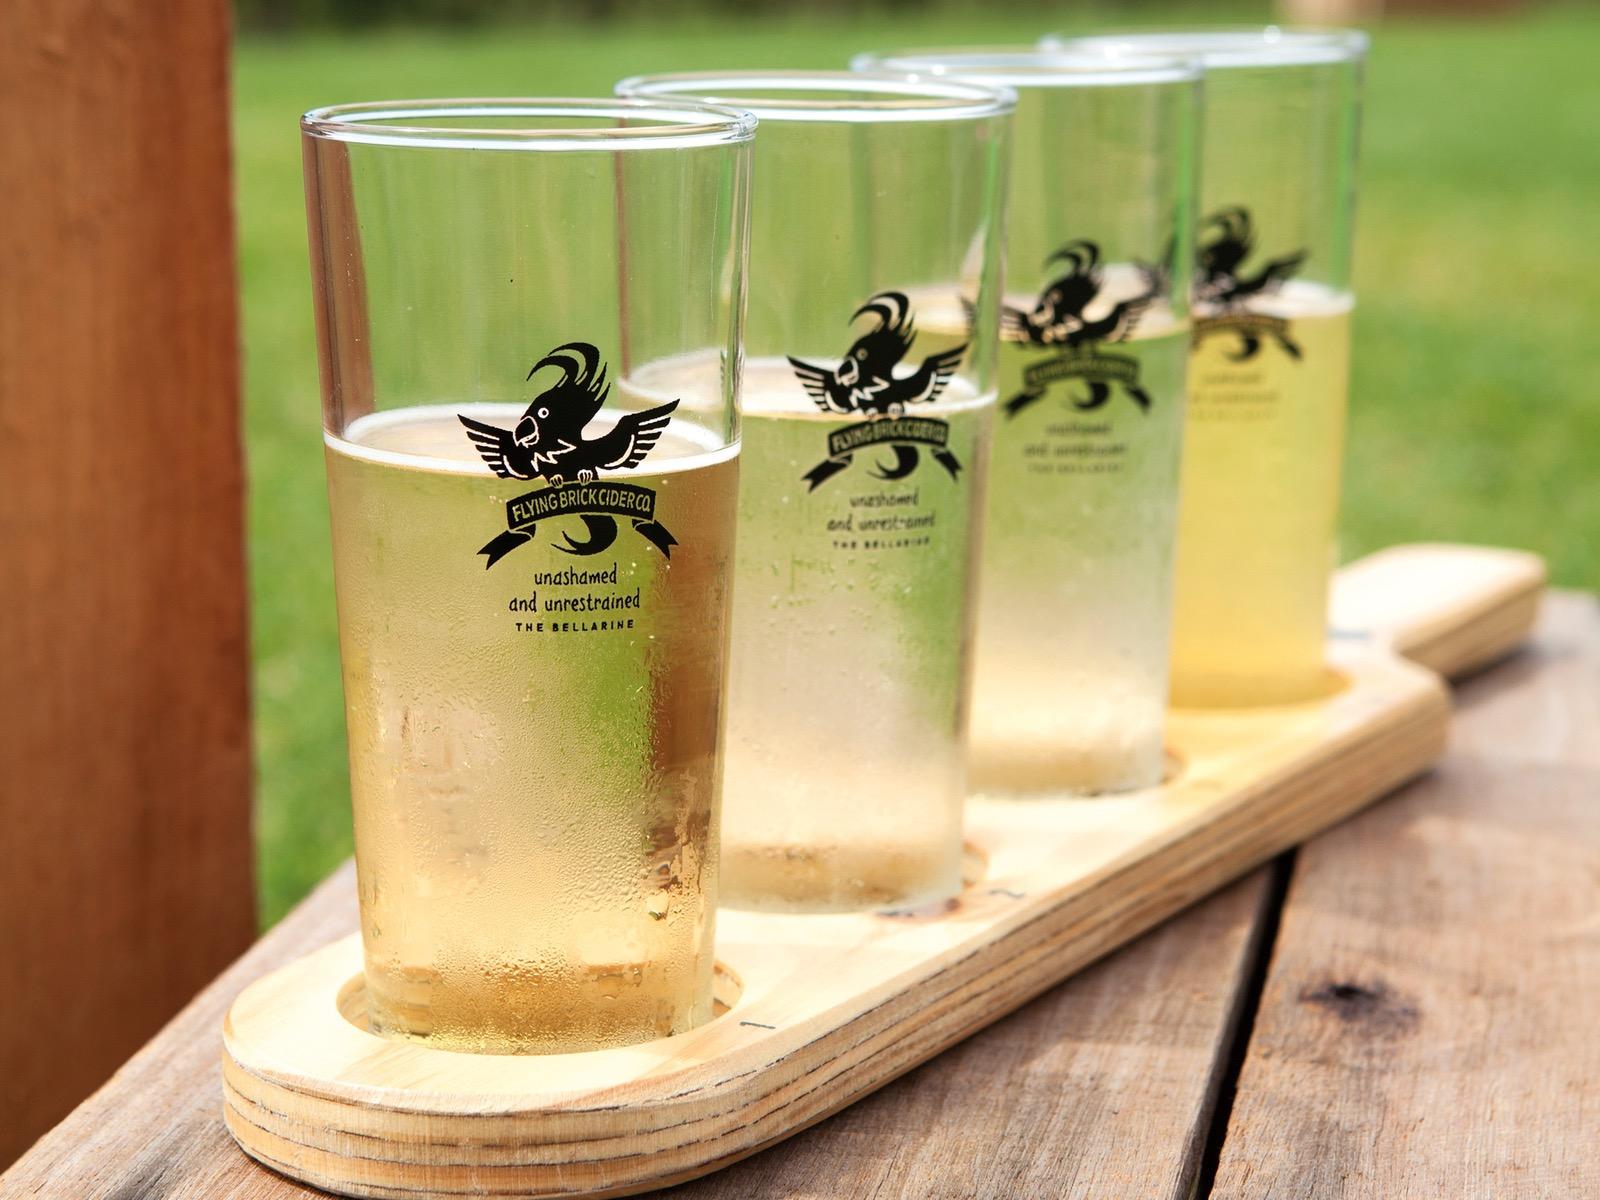 World Cider Day at Flying Brick Cider Co